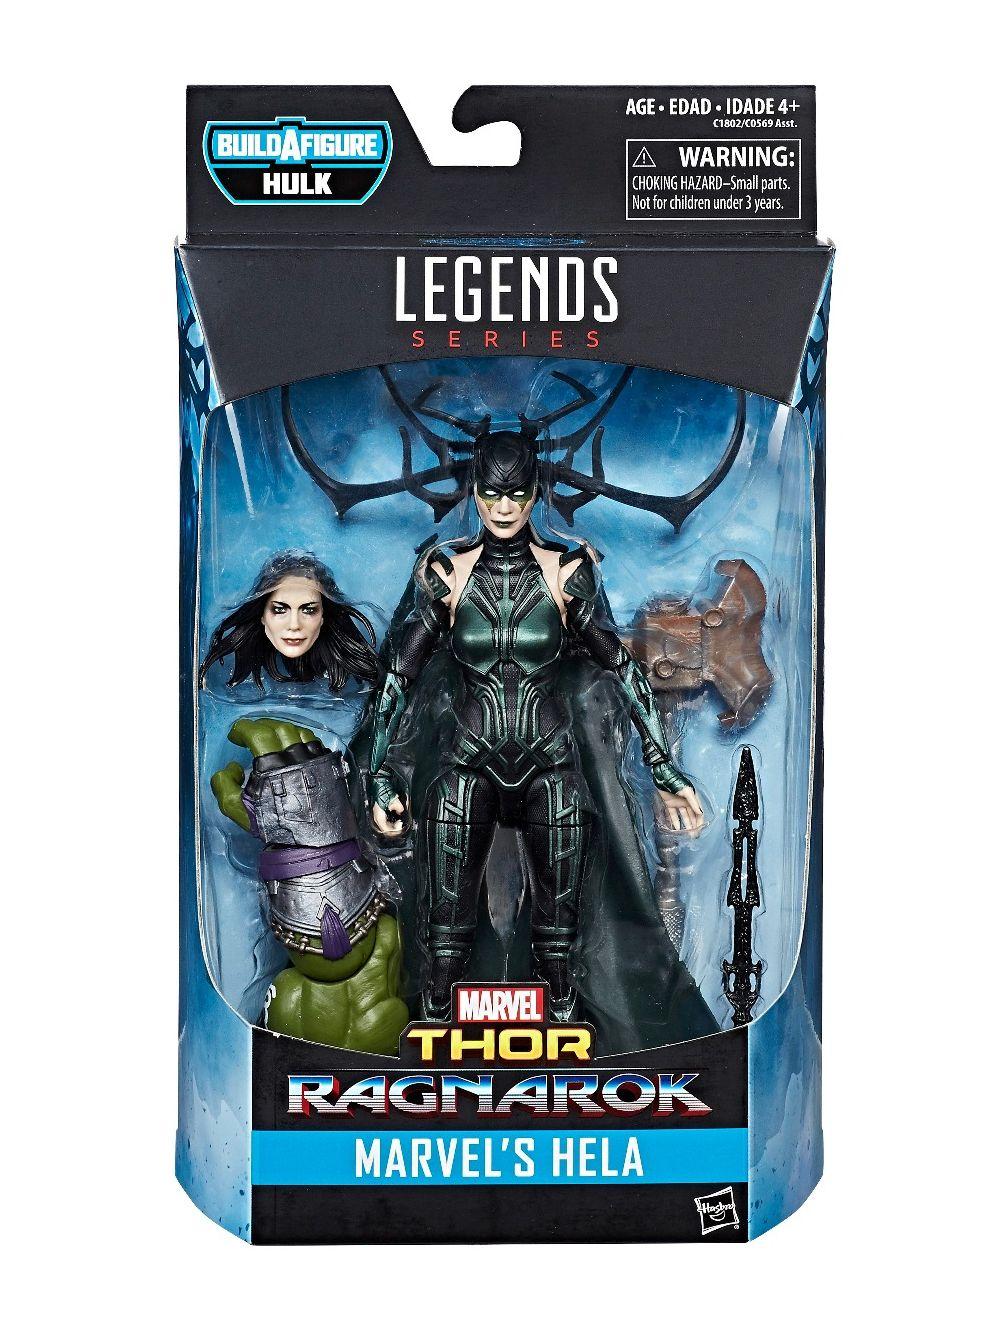 Marvel Legends Series Ragnarok Marvel/'s Hela Baf Hulk